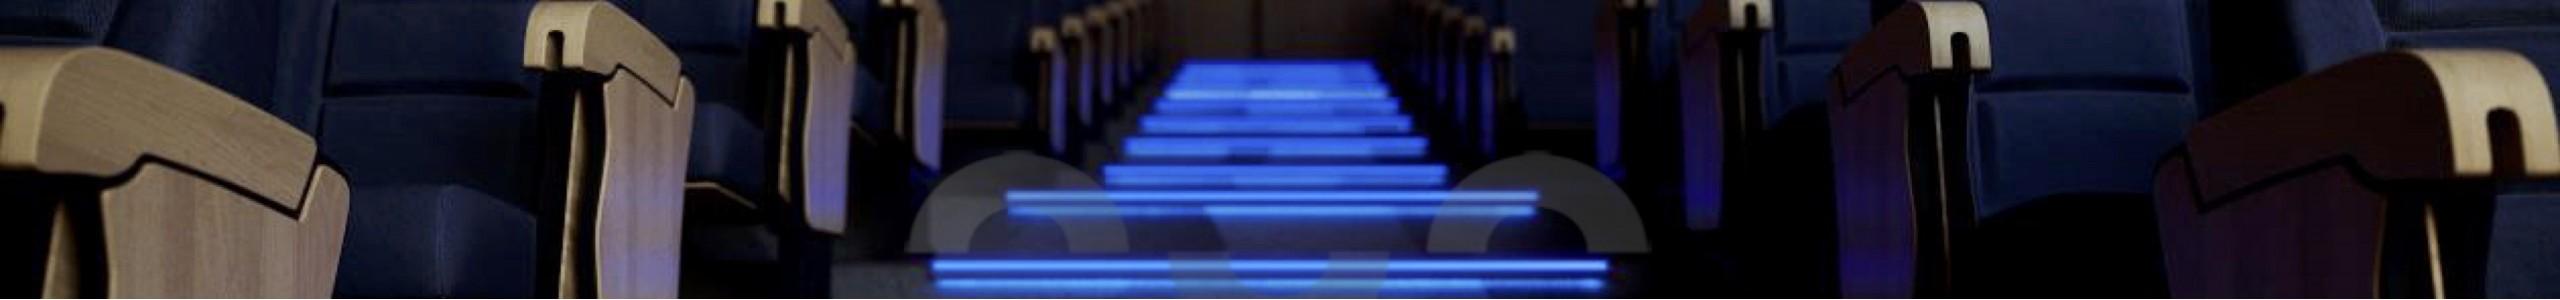 Escaleras-Rodapiés-Suelos